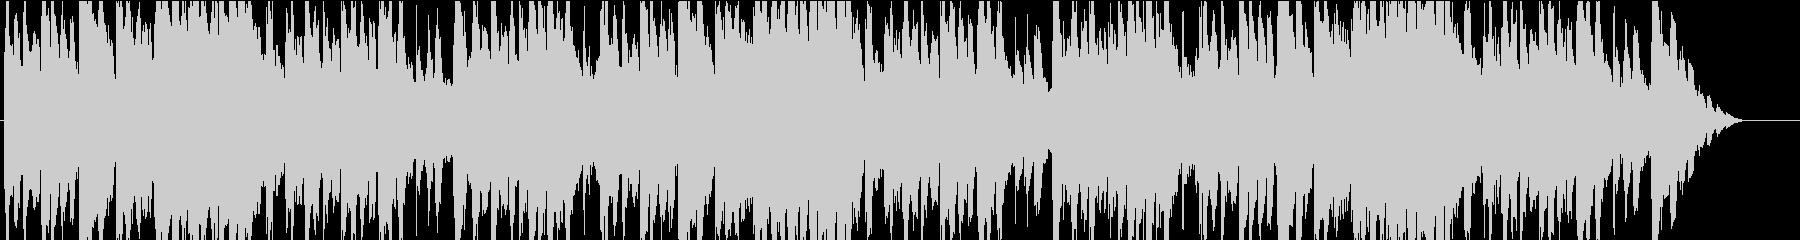 コミカルで不思議なハロウィン曲の未再生の波形